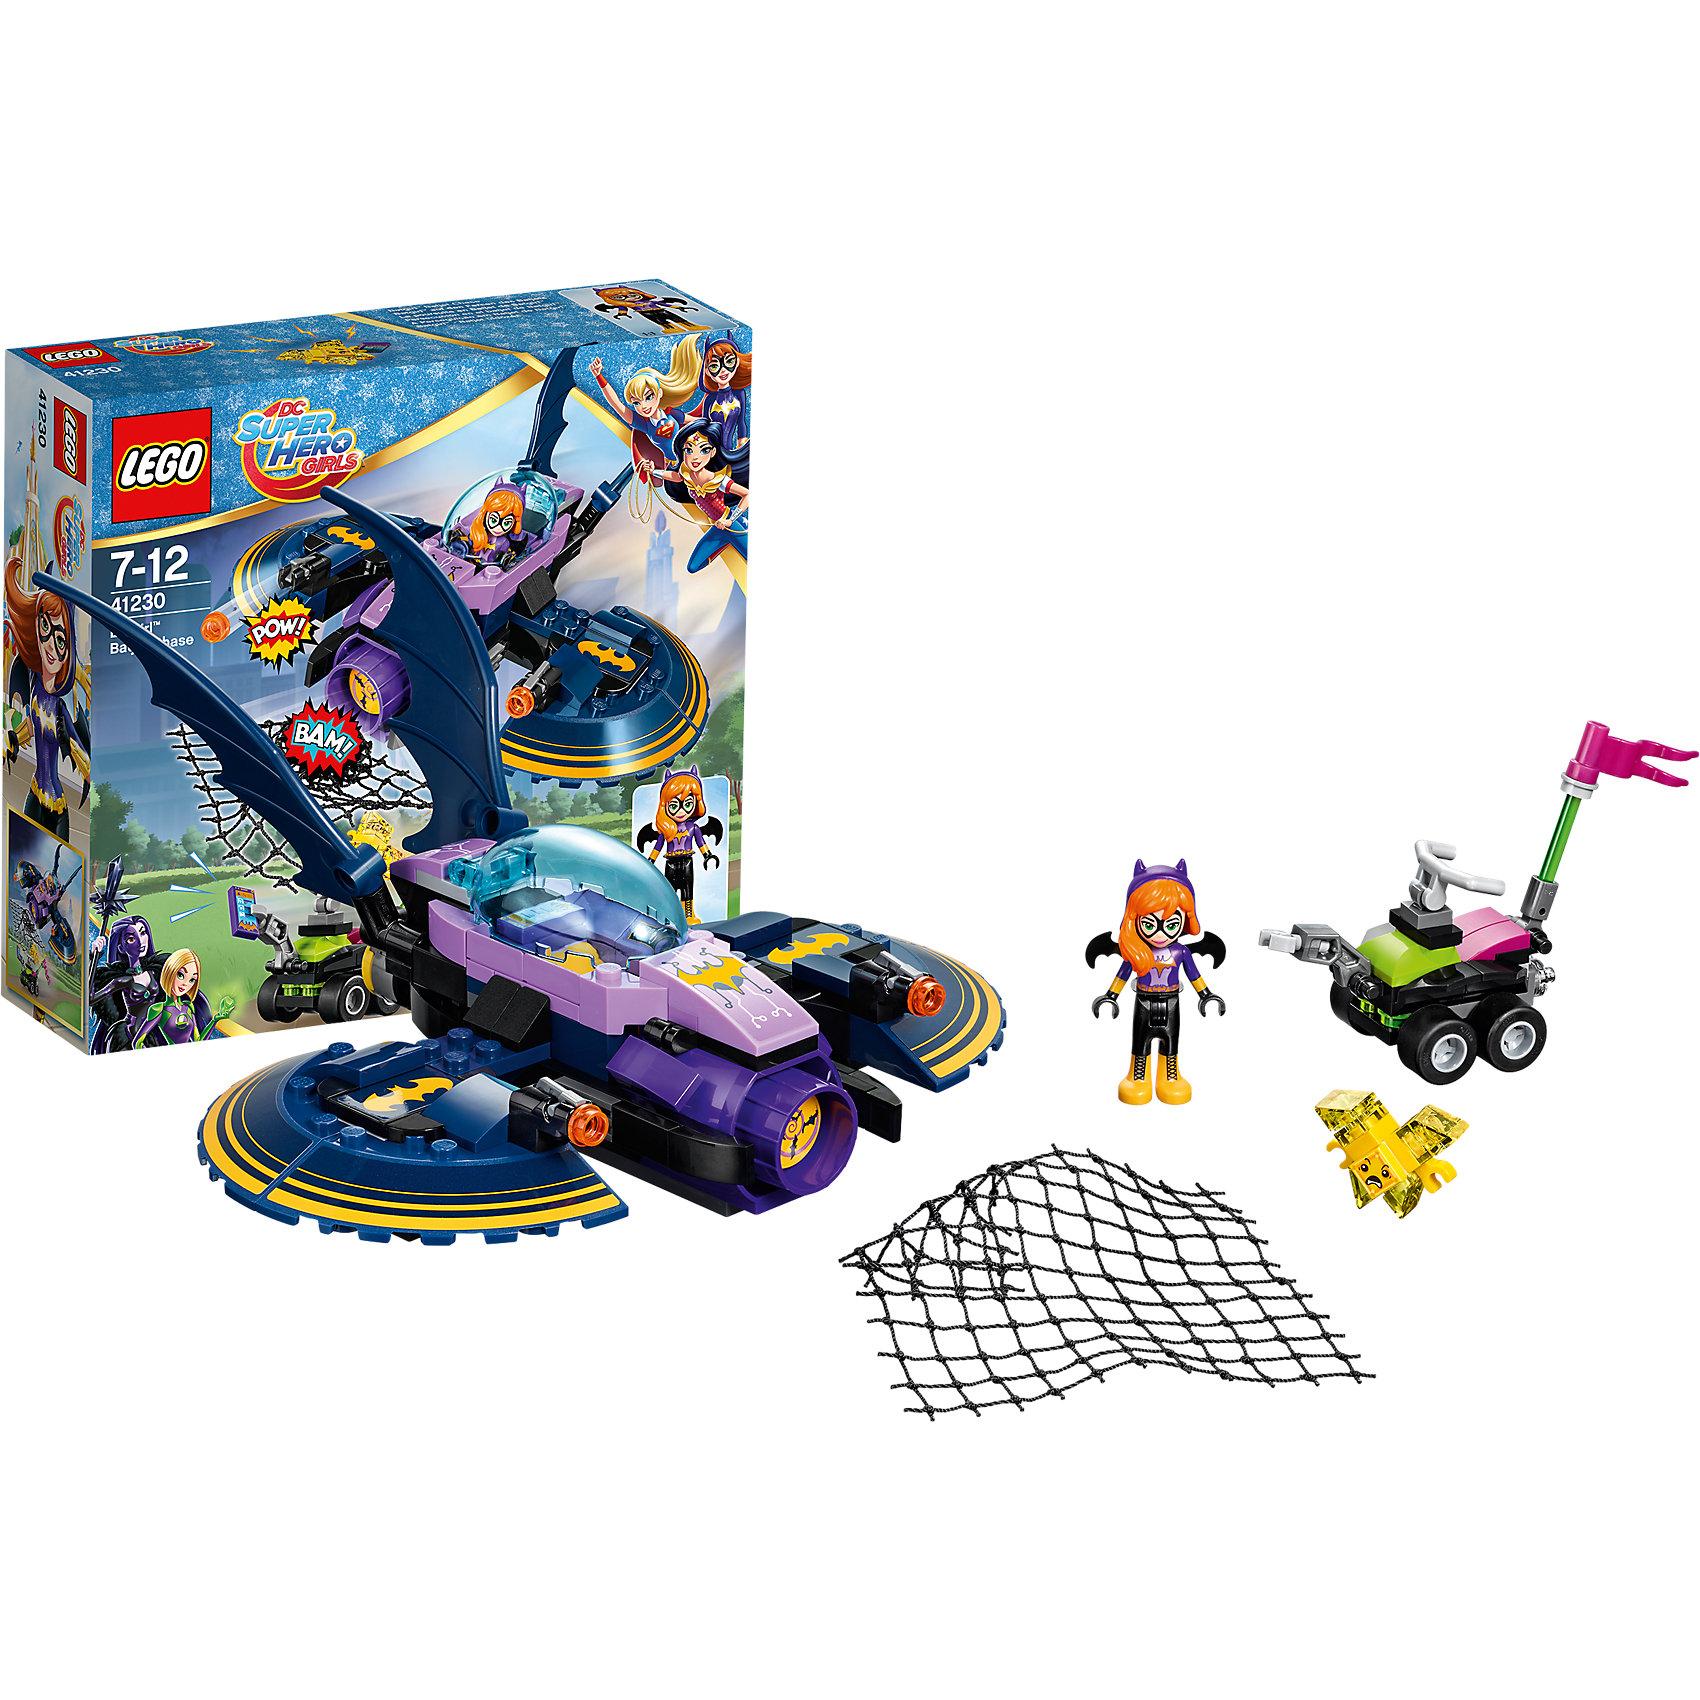 LEGO DC Super Girls 41230: Бэтгёрл: погоня на реактивном самолётеПластмассовые конструкторы<br>LEGO DC Super Girls 41230: Бэтгёрл: погоня на реактивном самолёте<br><br>Характеристики:<br><br>- в набор входит: детали двух транспортных средств, 2 фигурки; аксессуары; инструкция по сборке<br>- фигурки набора: Бэтгёрл, Криптомин<br>- состав: пластик<br>- количество деталей: 93 <br>- размер Бэтолета: 17 * 9 * 17 см.<br>- размер машинки: 7 * 6 * 3 см.<br>- для детей в возрасте: от 5 до 12 лет<br>- Страна производитель: Дания/Китай/Чехия<br><br>Легендарный конструктор LEGO (ЛЕГО) представляет серию «DC Super Girls» (ДиСи Супер Гёрлс) по сюжетам фильмов и мультфильмов о супергероинях. <br><br>Этот набор понравится любителям короткометражных мультфильмов компании Warner Brothers DC Super Girls (ДиСи Супер Гёрлс). Фигурка Бэтгёрл отлично проработана, ее рельефные волосы уложены в красивую прическу, на голове снимающийся ободок с ушами летучей мыши. Ее наряд очень удобен для работы – черные штаны, фиолетовая кофта и ботинки на шнурках. Фигурка может двигать головой, руками, торсом и принимать сидячее положение. Мощный Бэтолет девушки оснащен двумя полукруглыми крыльями-турбинами, чтобы он мог приземляться не хуже вертолета. <br><br>Два передних бластера на механизме стреляют снарядами в злодея Криптомина. Передняя пушка предназначена для выброса сетки. Кабина выкрашена в лиловый цвет и закрывается прозрачной деталью для обесепечения безопасности пилота. Два крыла летучей мыши повышают аэродинамические свойства судна. Злодей Криптомин украл важную информацию о преступниках и скрылся на своем багги. Багги оснащен управляемой железной рукой для похищения вещей. Помоги Бэтгёрл одержать верх над Криптомином! <br><br>Играя с конструктором ребенок развивает моторику рук, воображение и логическое мышление, научится собирать по инструкции и создавать свои модели. Придумывайте новые истории любимых героев с набором LEGO «DC Super Girls»!<br><br>Конструктор LEGO DC Super Girls 41230: Бэт